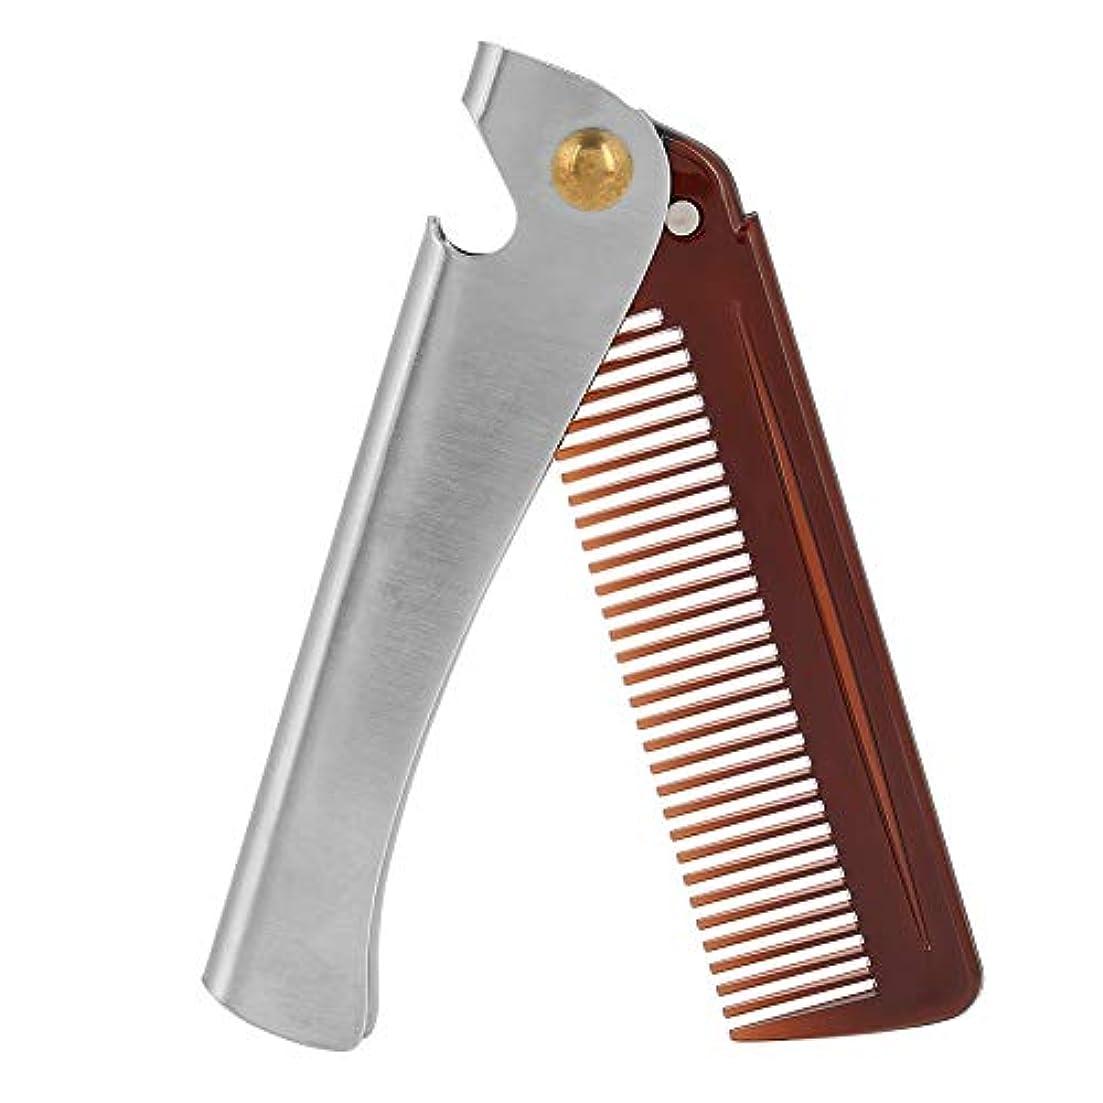 とても品船上ステンレス製のひげの櫛の携帯用ステンレス製のひげの櫛の携帯用折りたたみ口ひげ用具の栓抜き